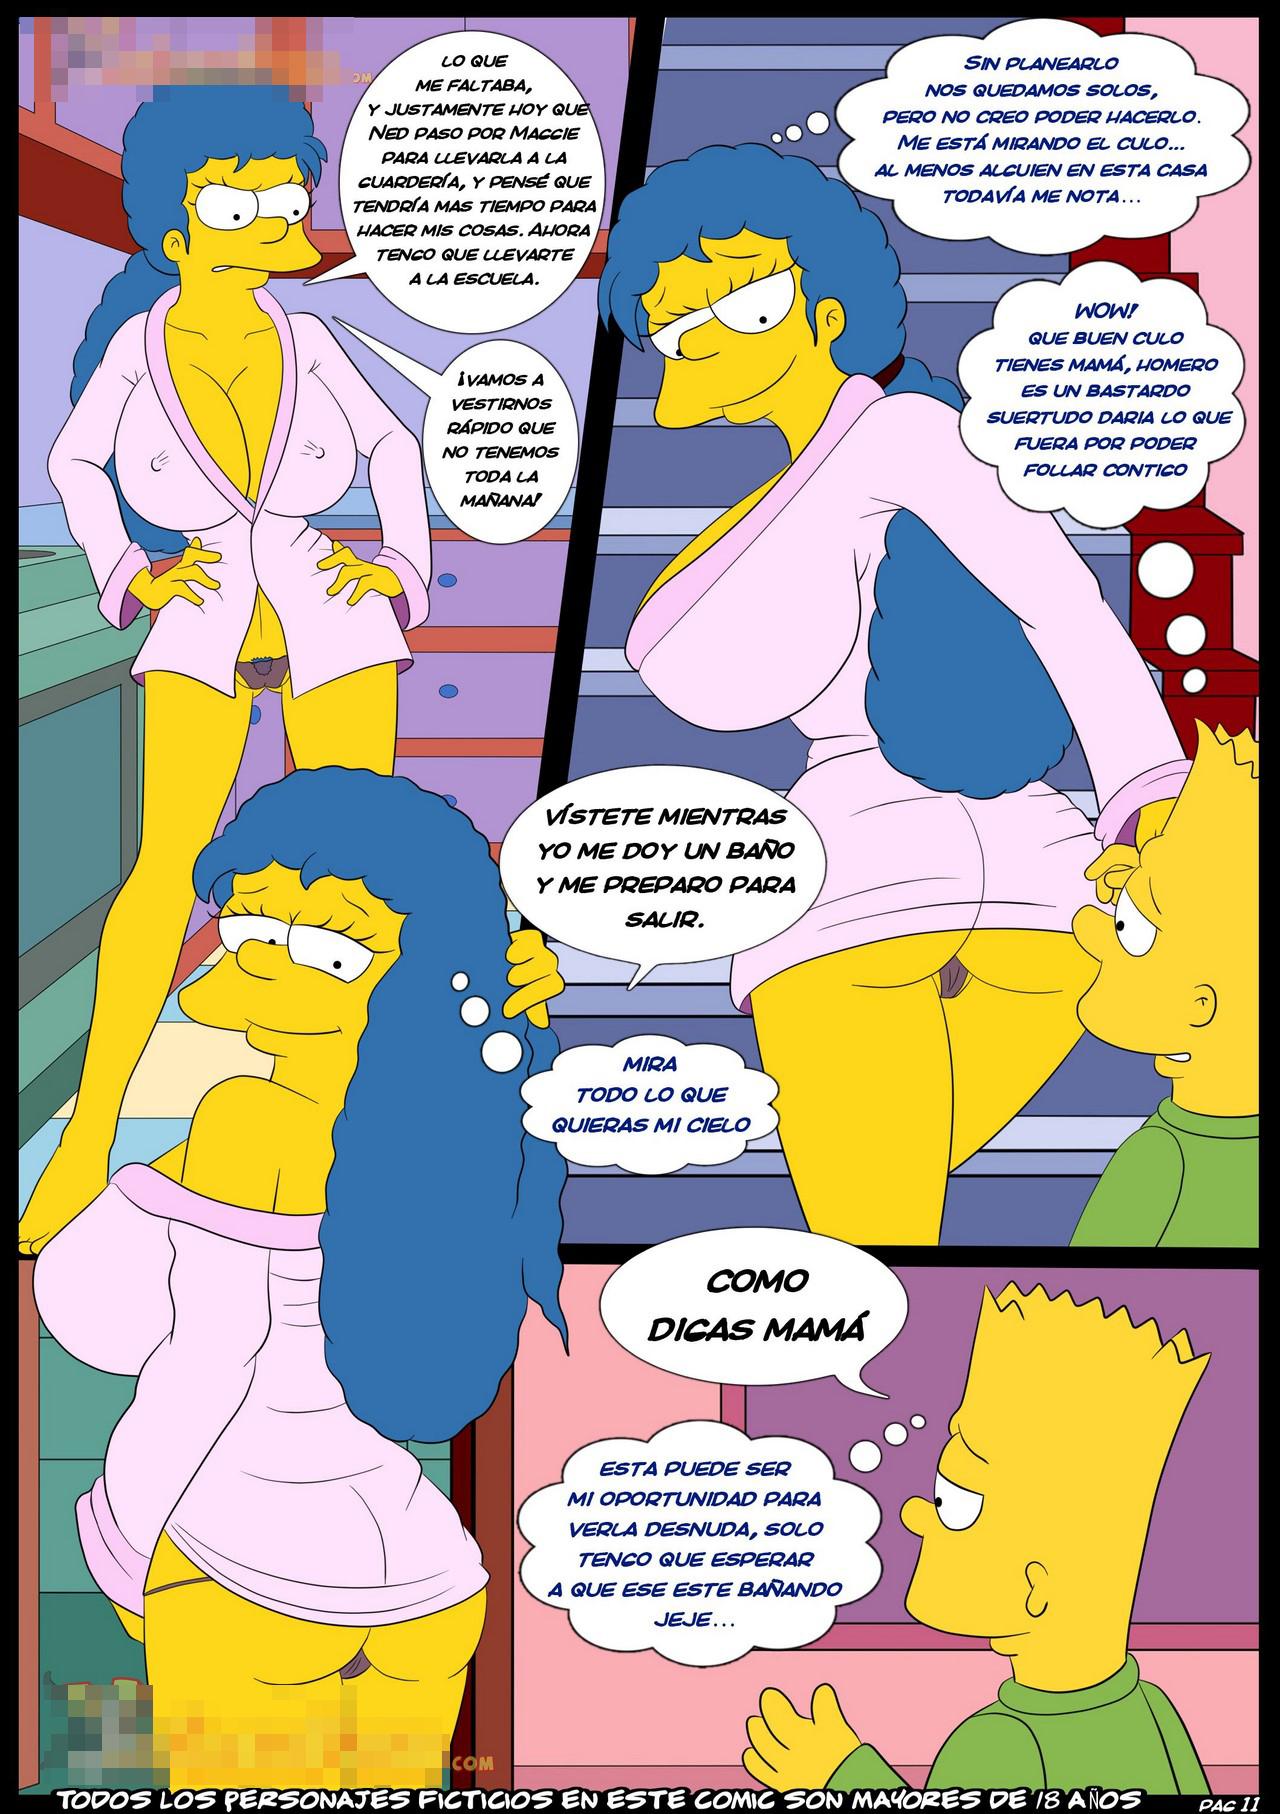 Los Simpsons xxx -incesto-bart-march-follando-cogiendo-sexo-desnuda-video-historieta-comic-los-simpsons-porno-follando-con-mama (12)